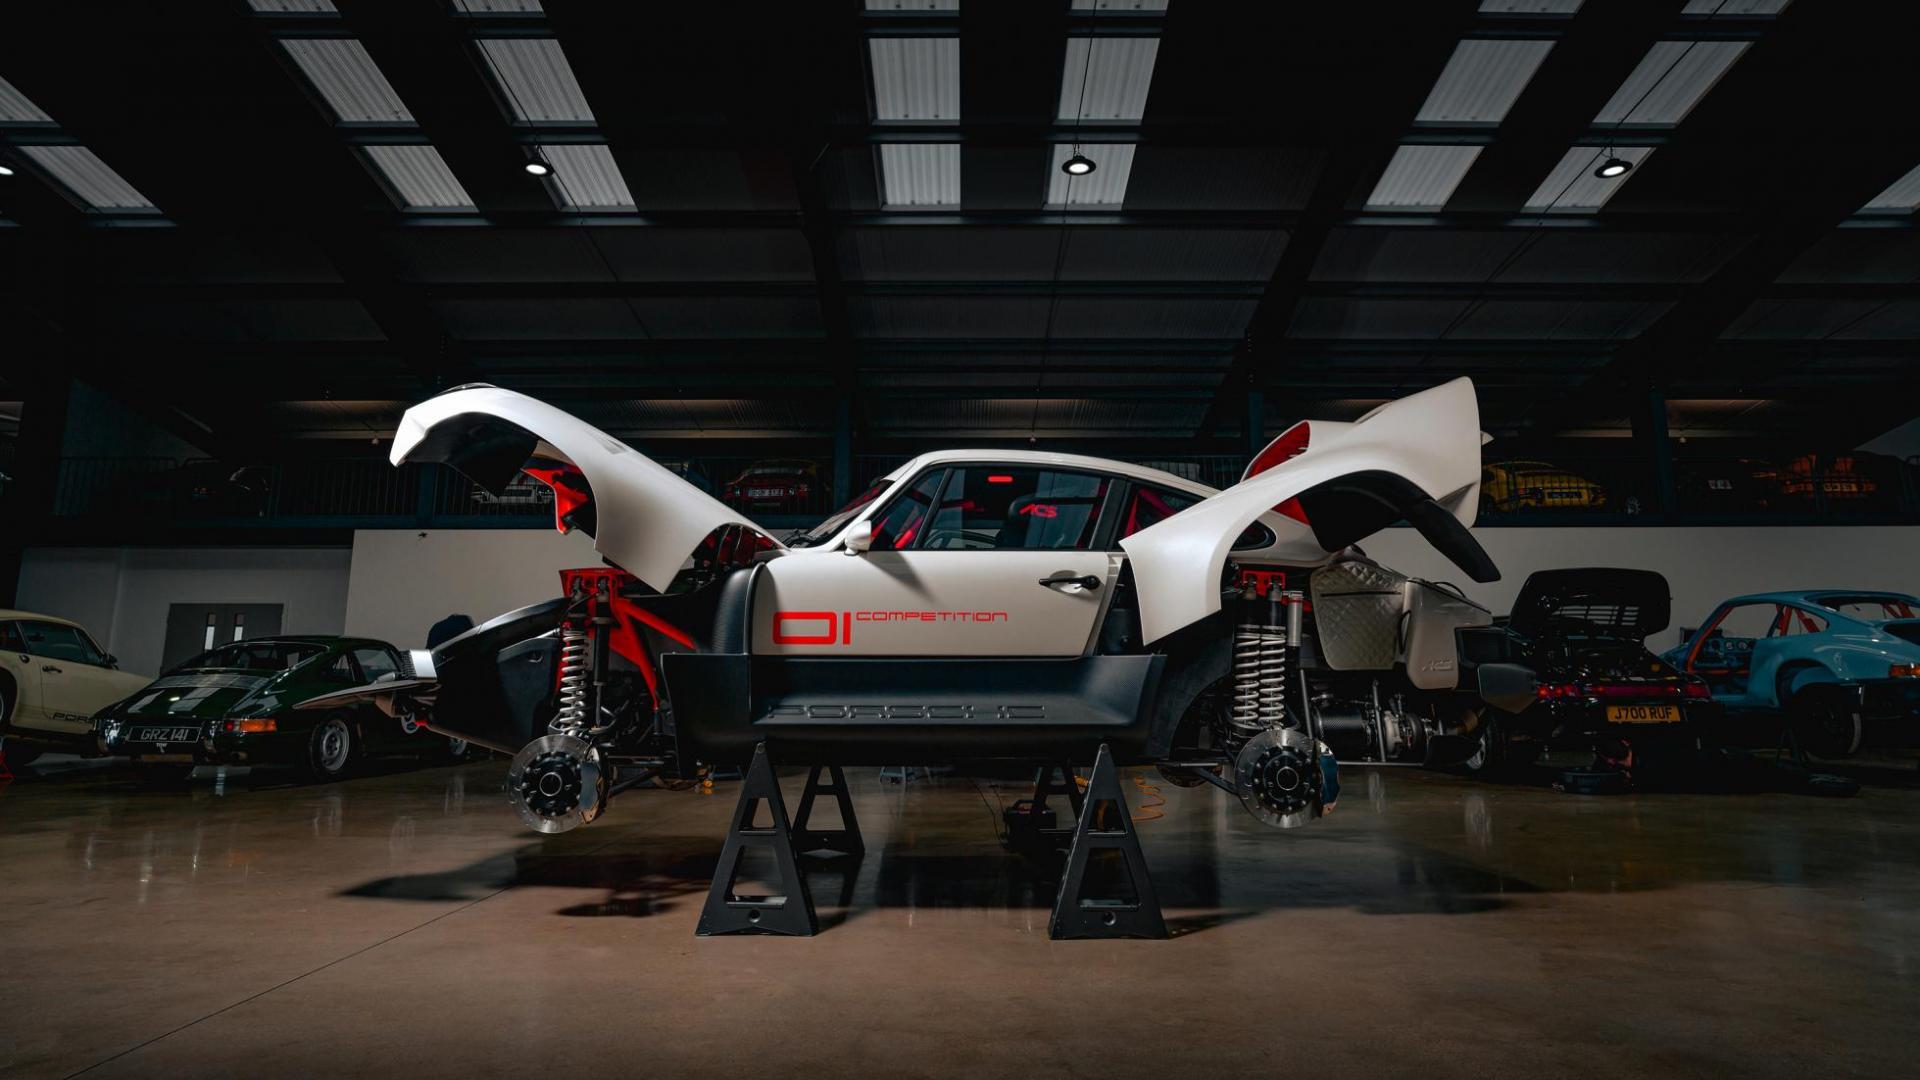 Zijkant Singer Safari 911 (Porsche 911 964) in de garage